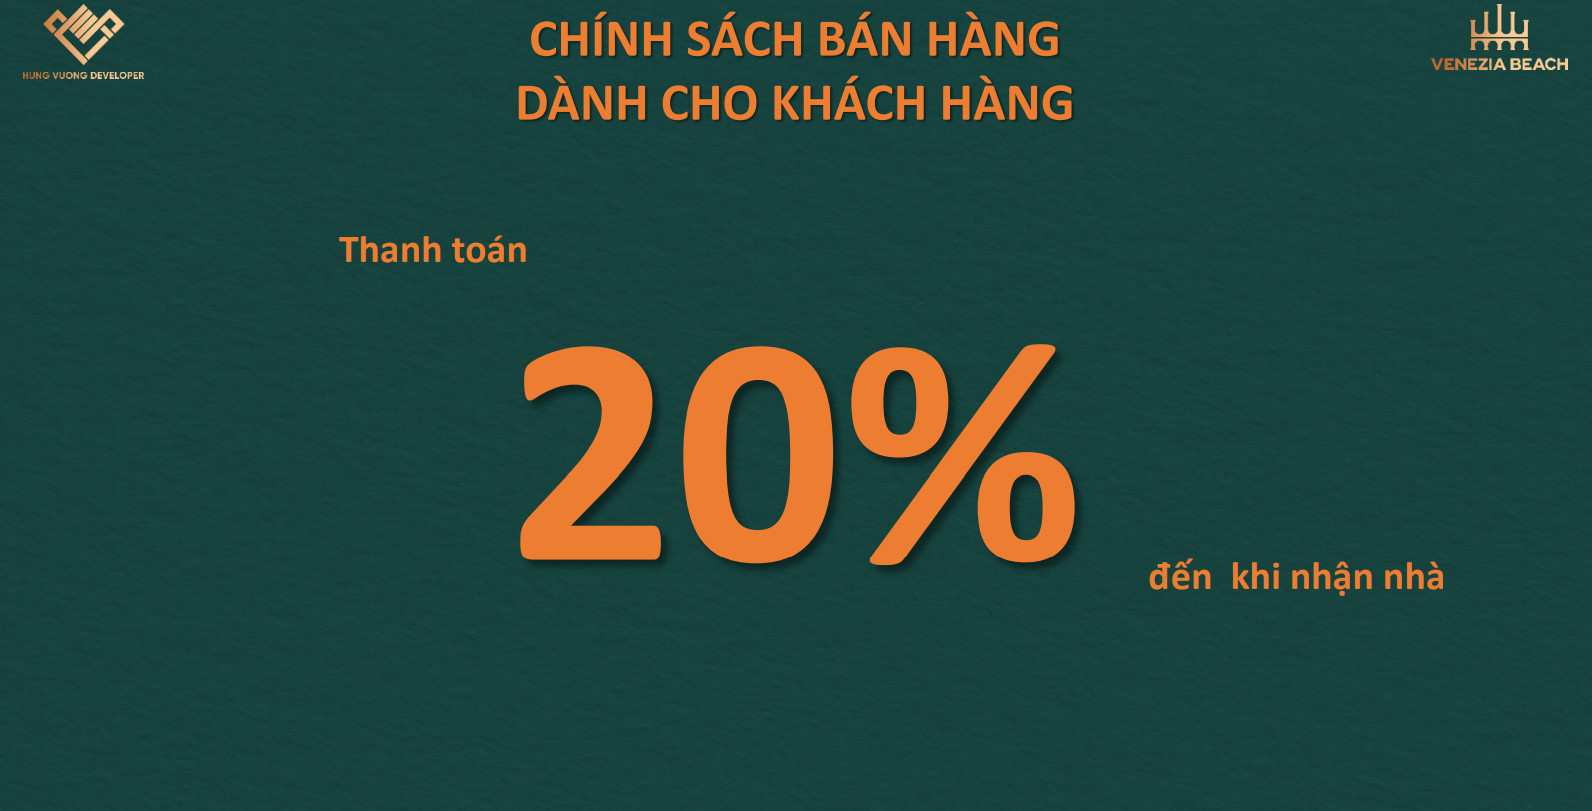 Chỉ Thanh Toán 20% cho tới khi nhận nhà chỉ có tại dự án Venezia Beach Hồ Tràm